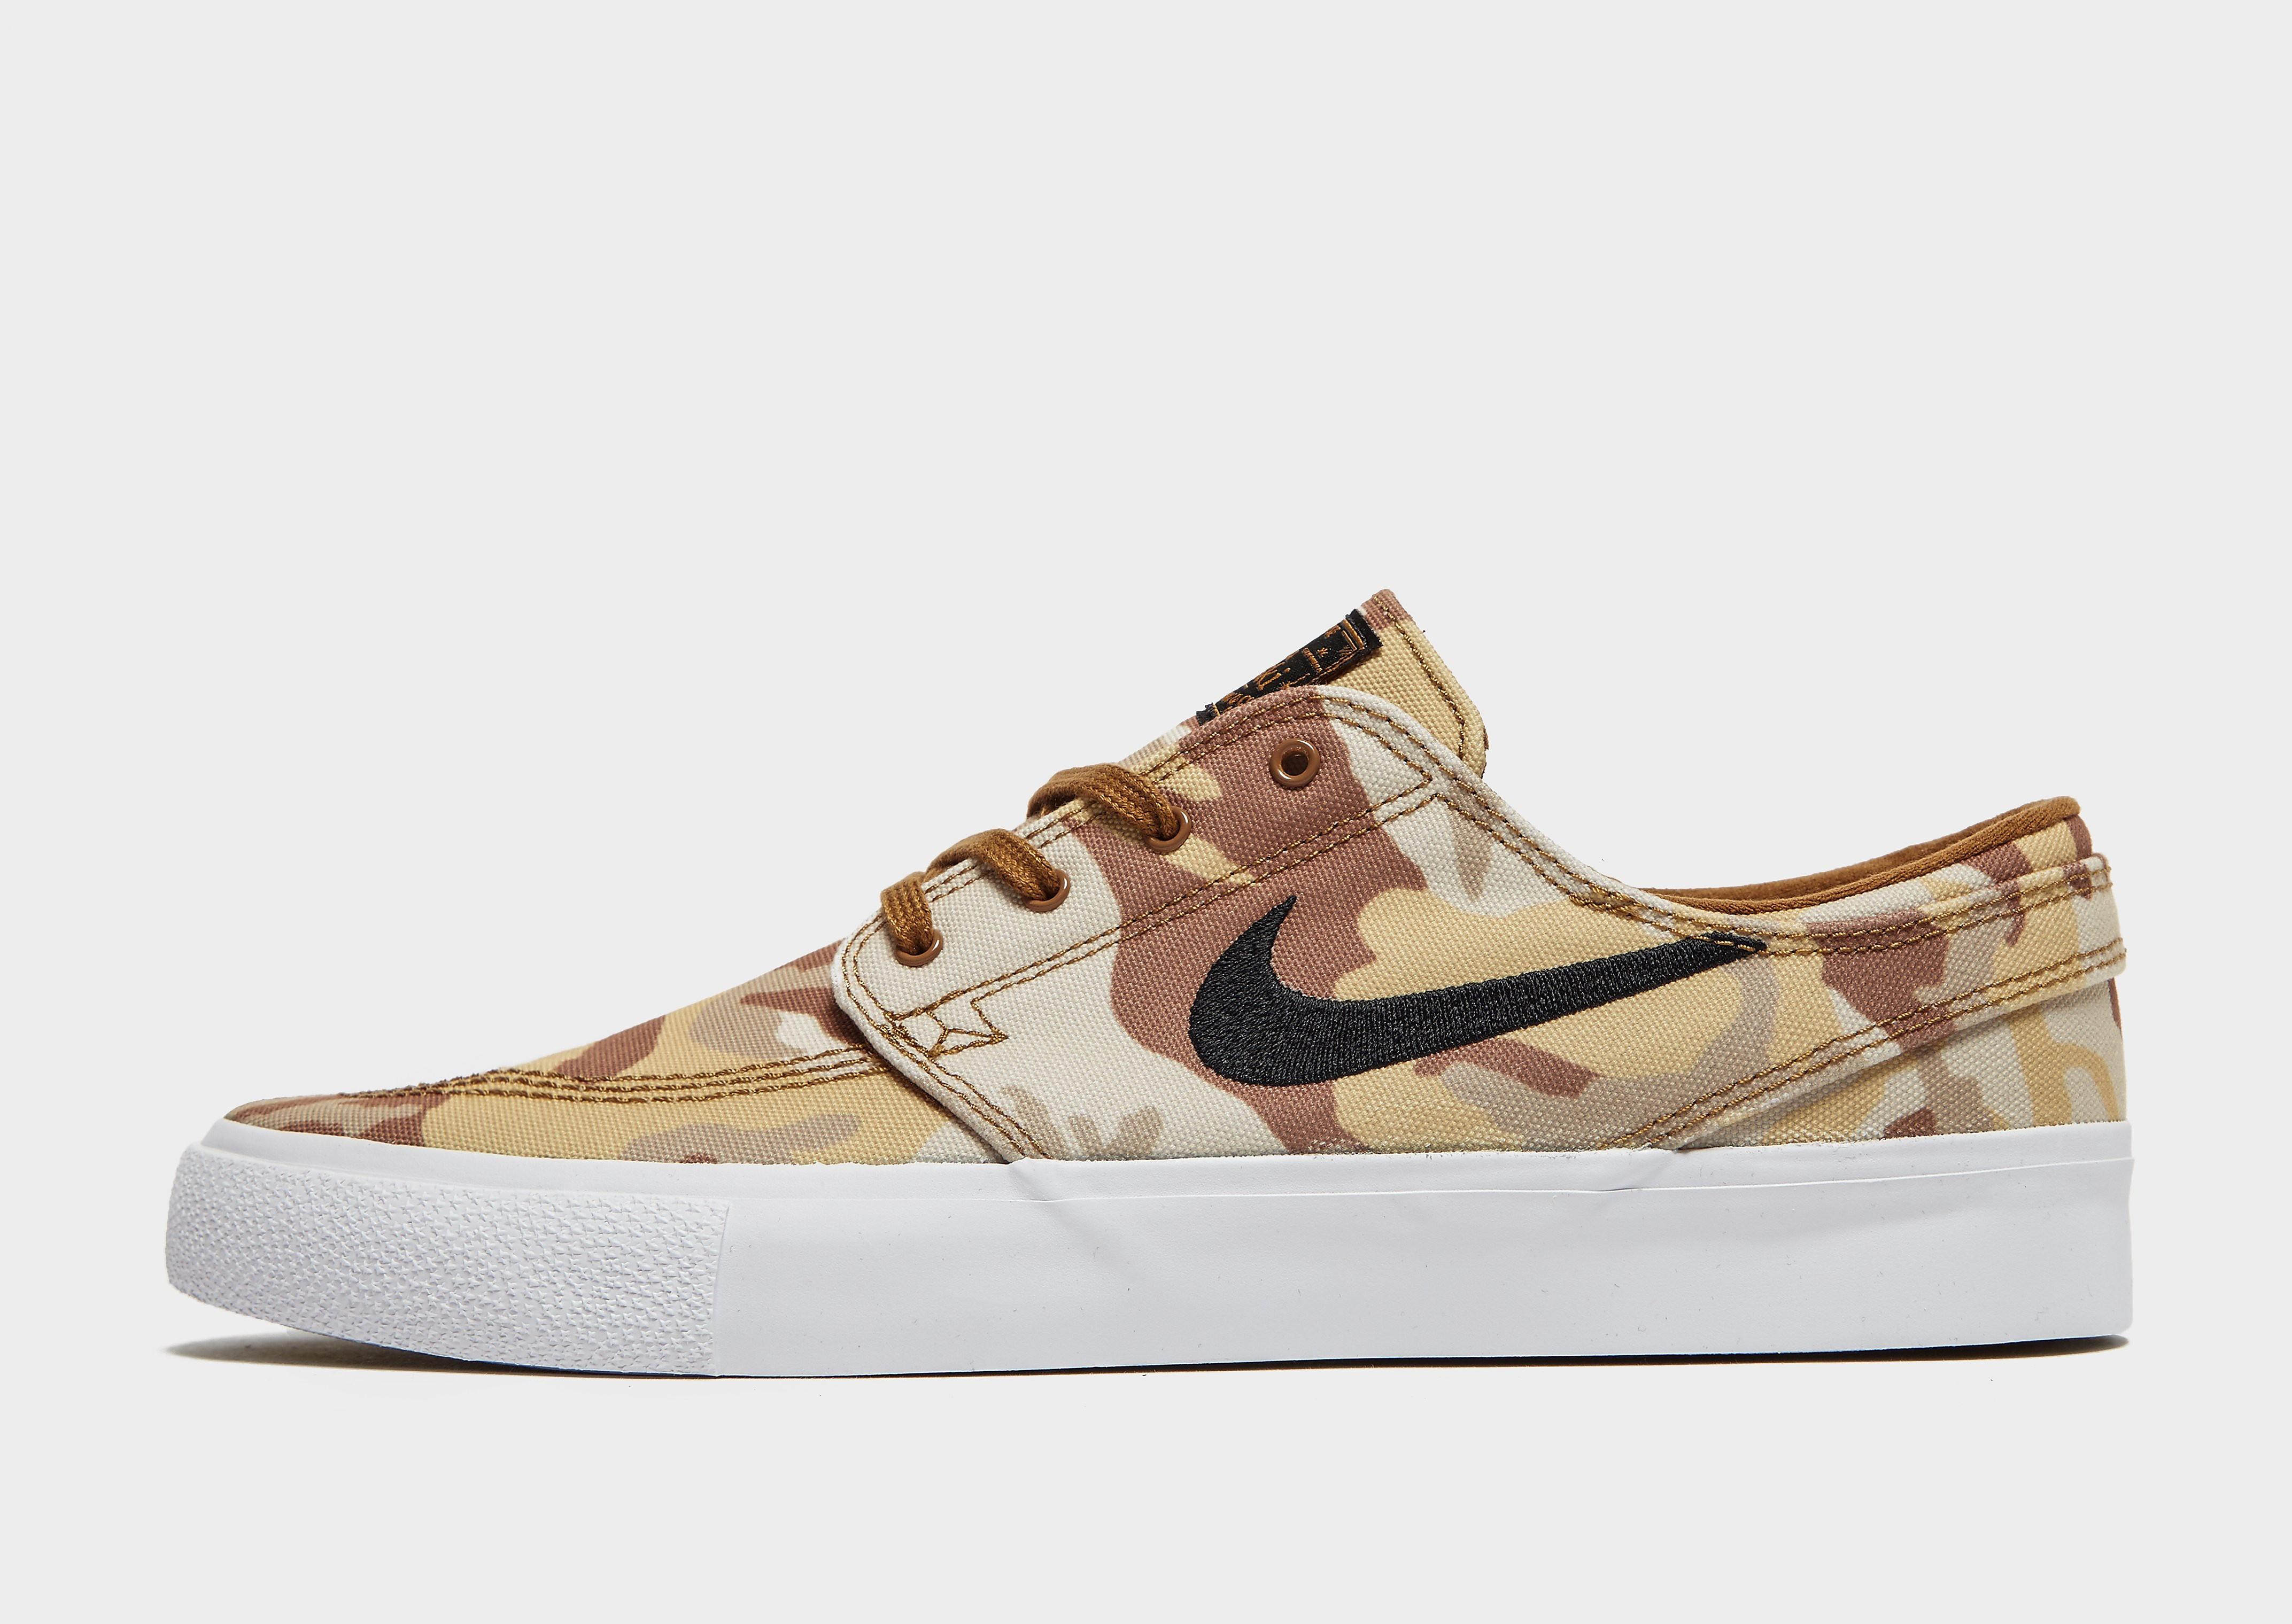 Nike Stefan Janoski herensneaker beige, zwart en wit